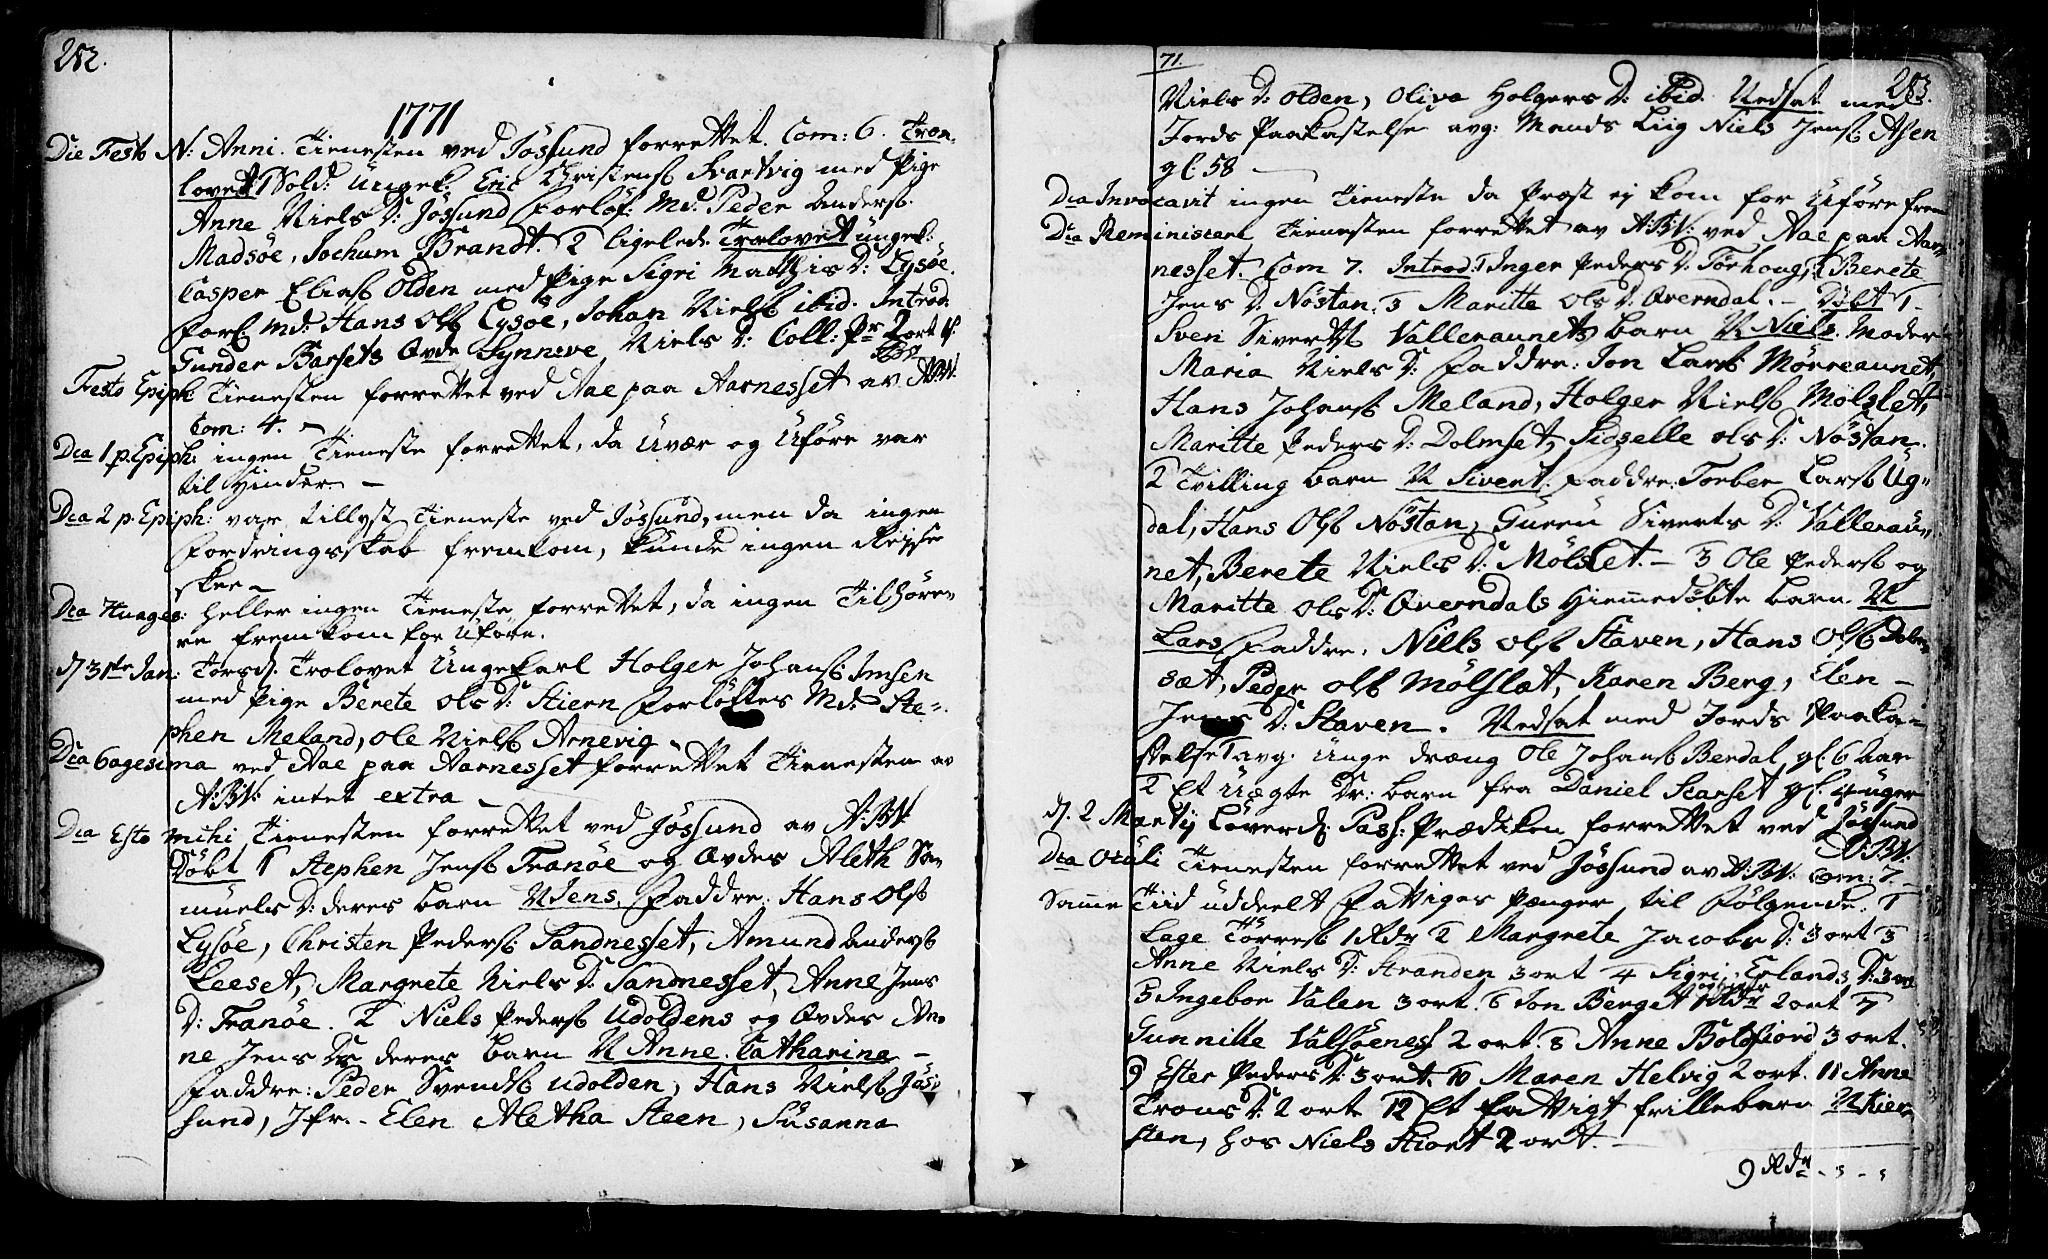 SAT, Ministerialprotokoller, klokkerbøker og fødselsregistre - Sør-Trøndelag, 655/L0672: Ministerialbok nr. 655A01, 1750-1779, s. 282-283